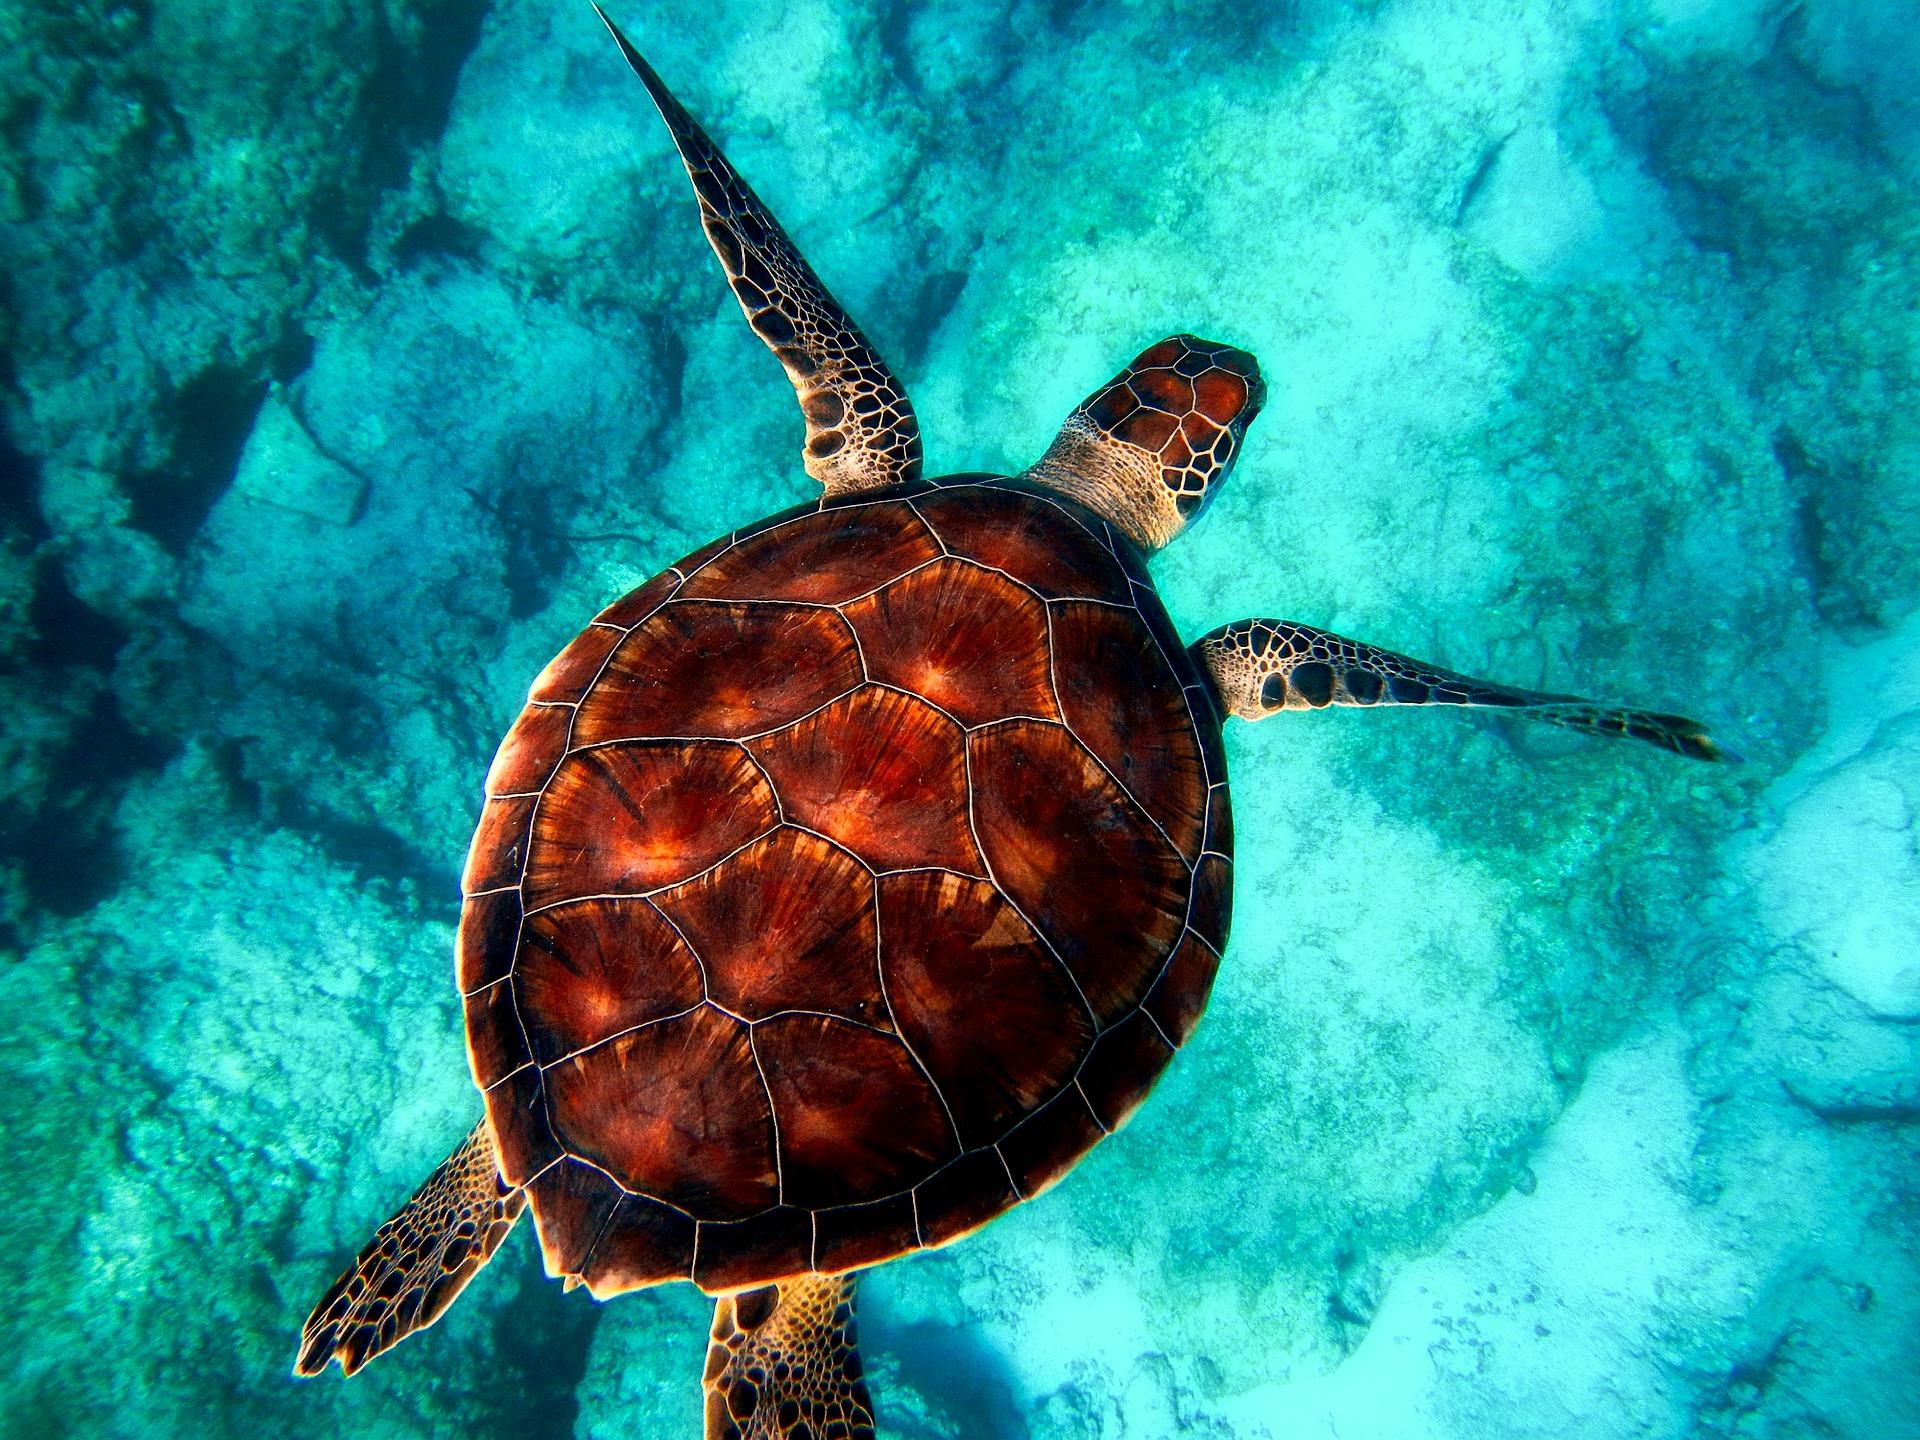 インド「アンダマン諸島」の魅力とは?行き方やおすすめ観光スポットも紹介!